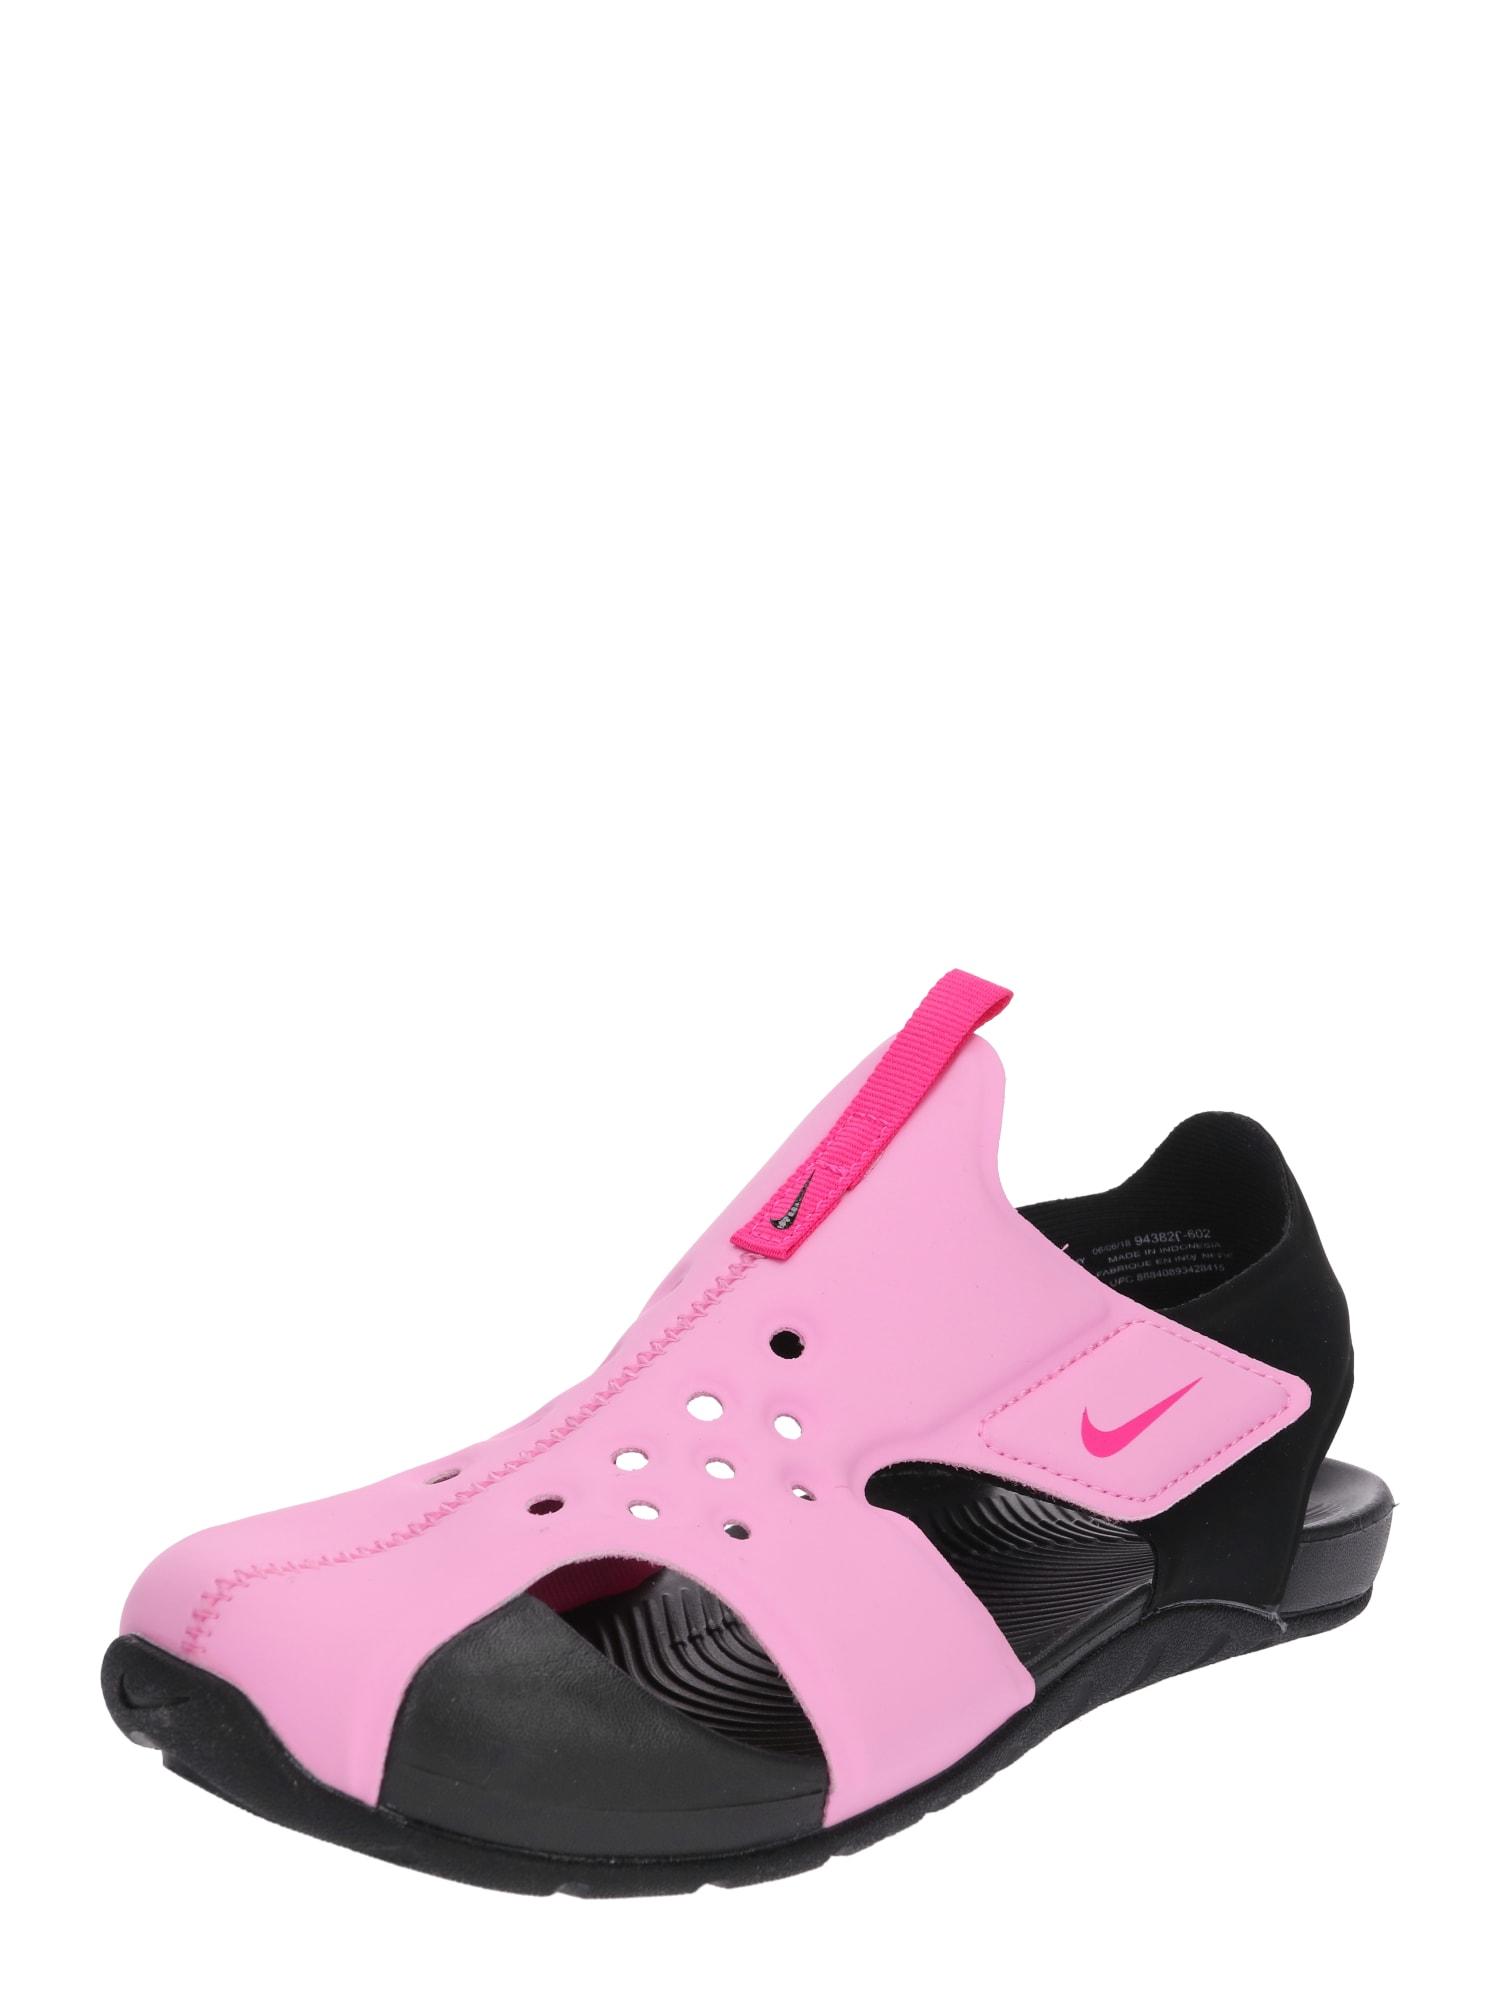 Plážovákoupací obuv Sunray Protect pink černá Nike Sportswear